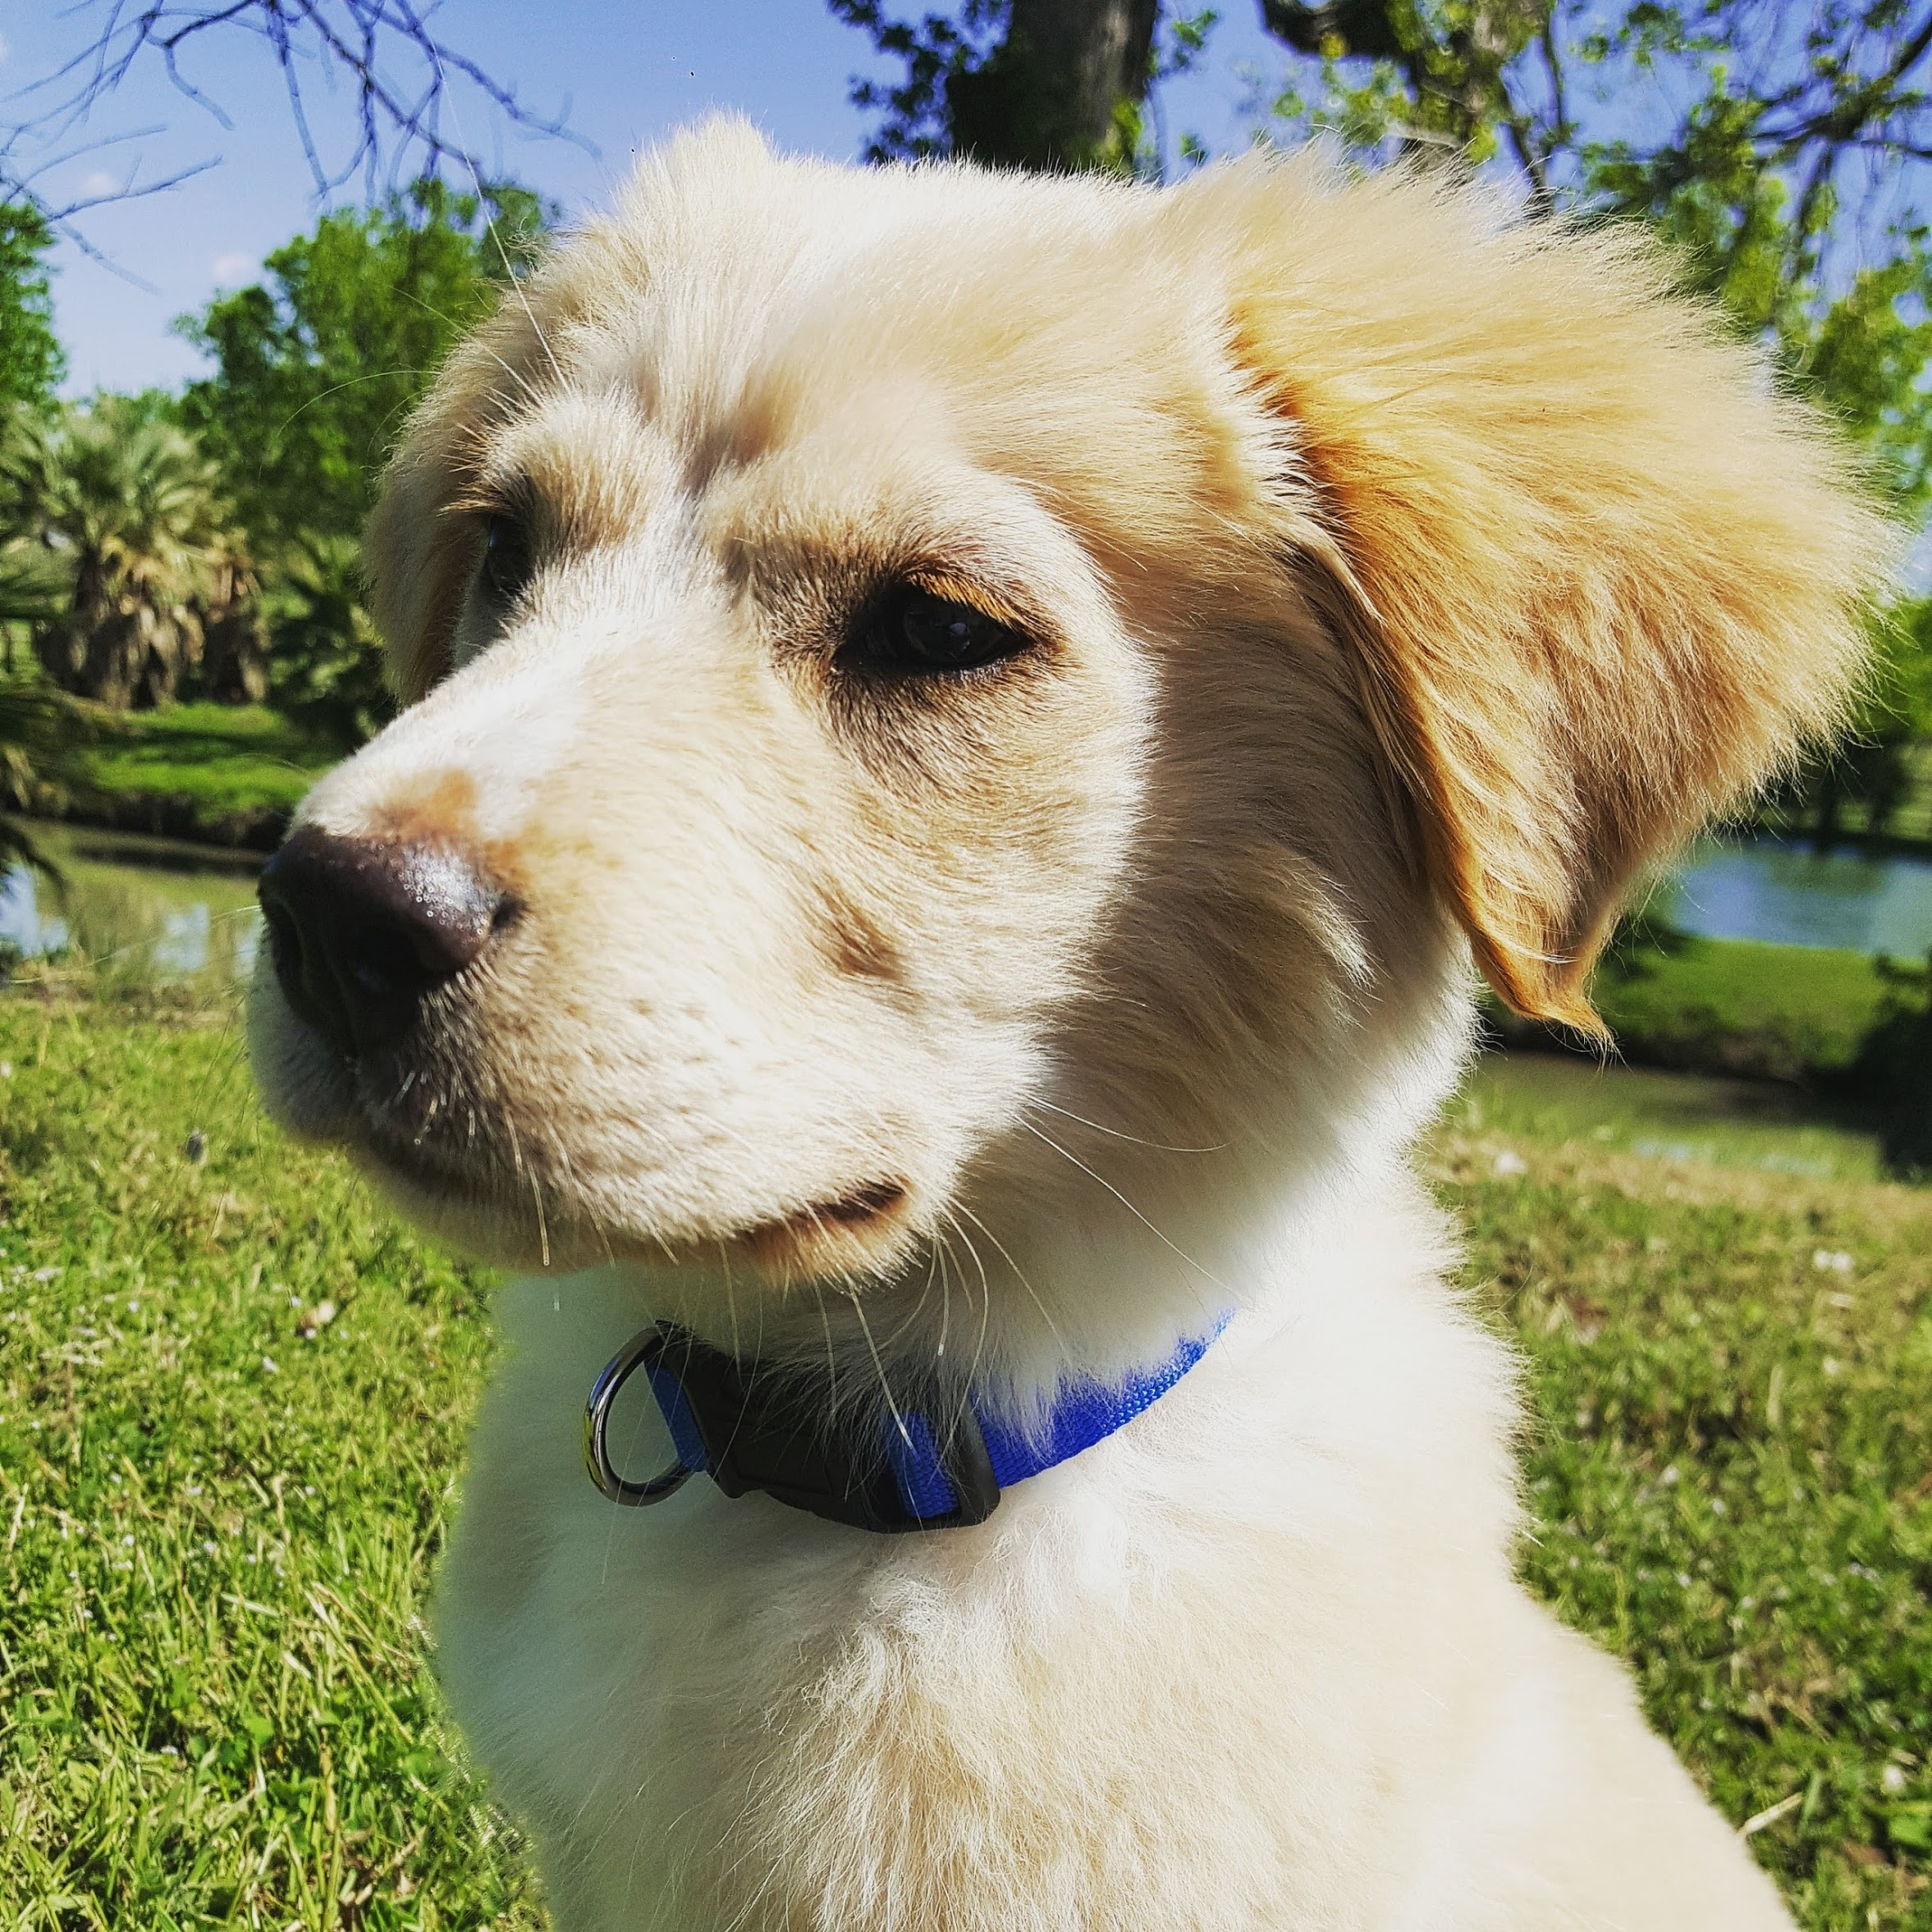 Puppy Colin